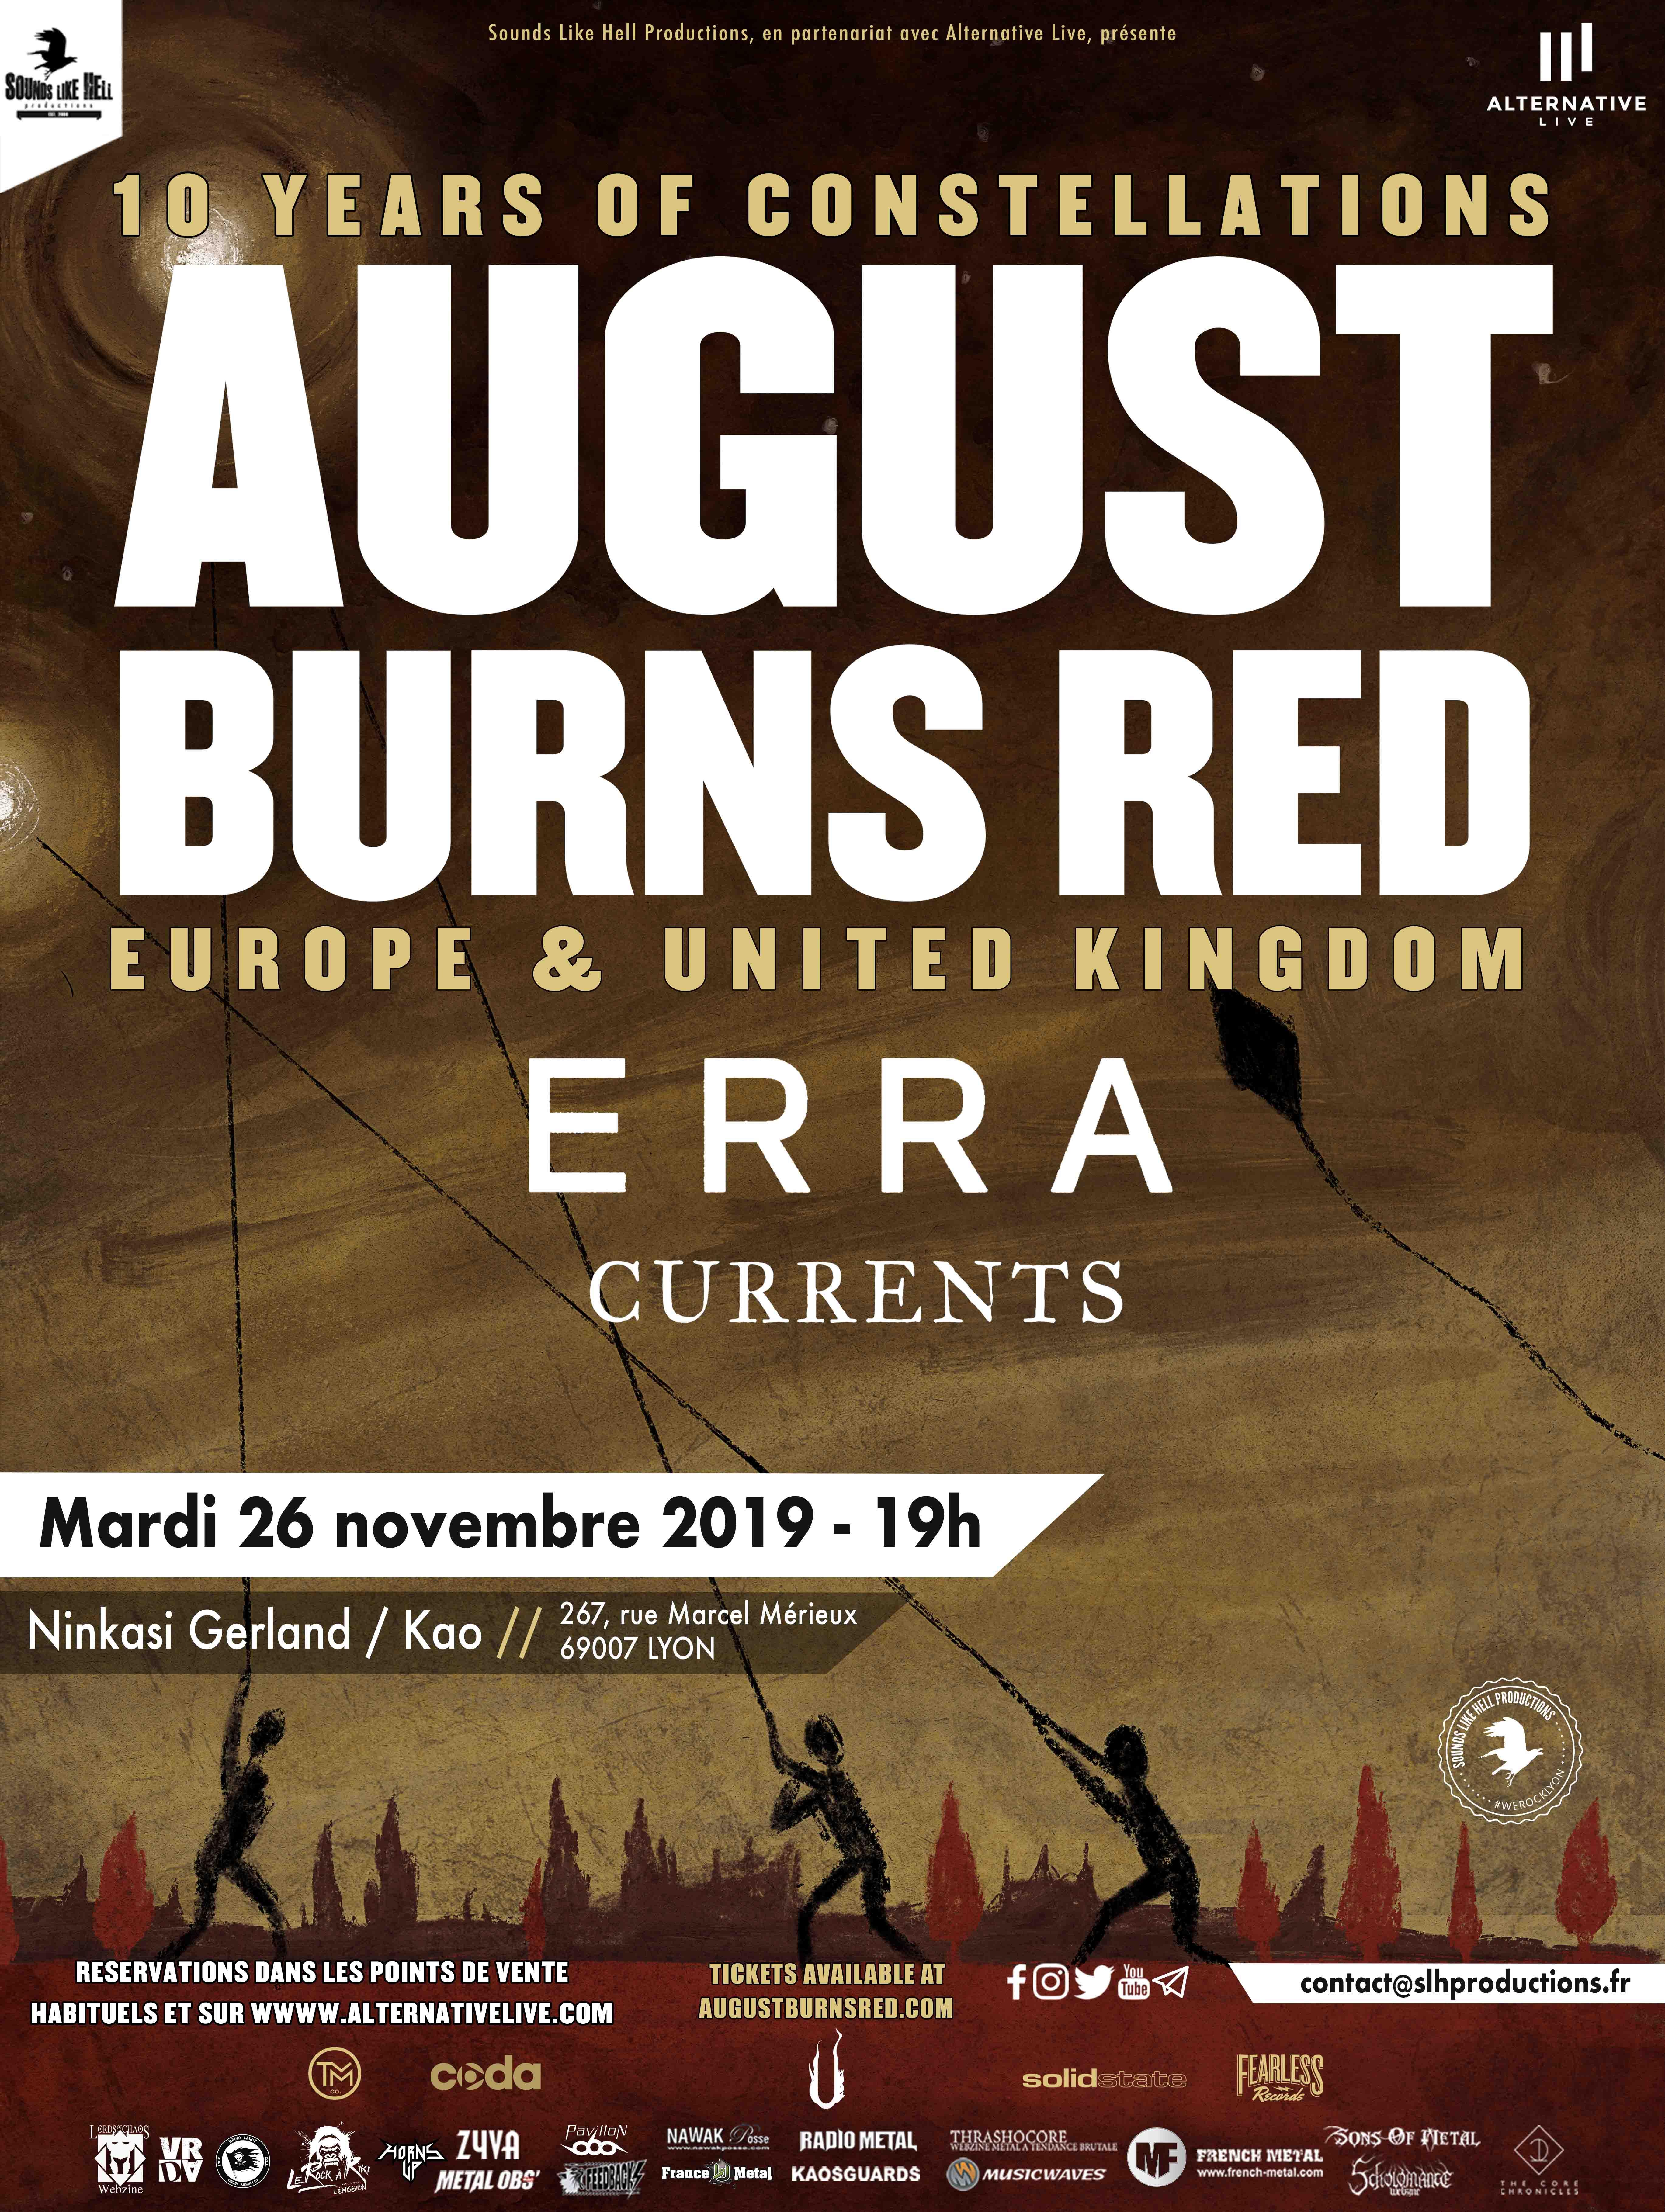 Affiche du concert de August Burns Red : 10 Years of Constellation Tour à Lyon